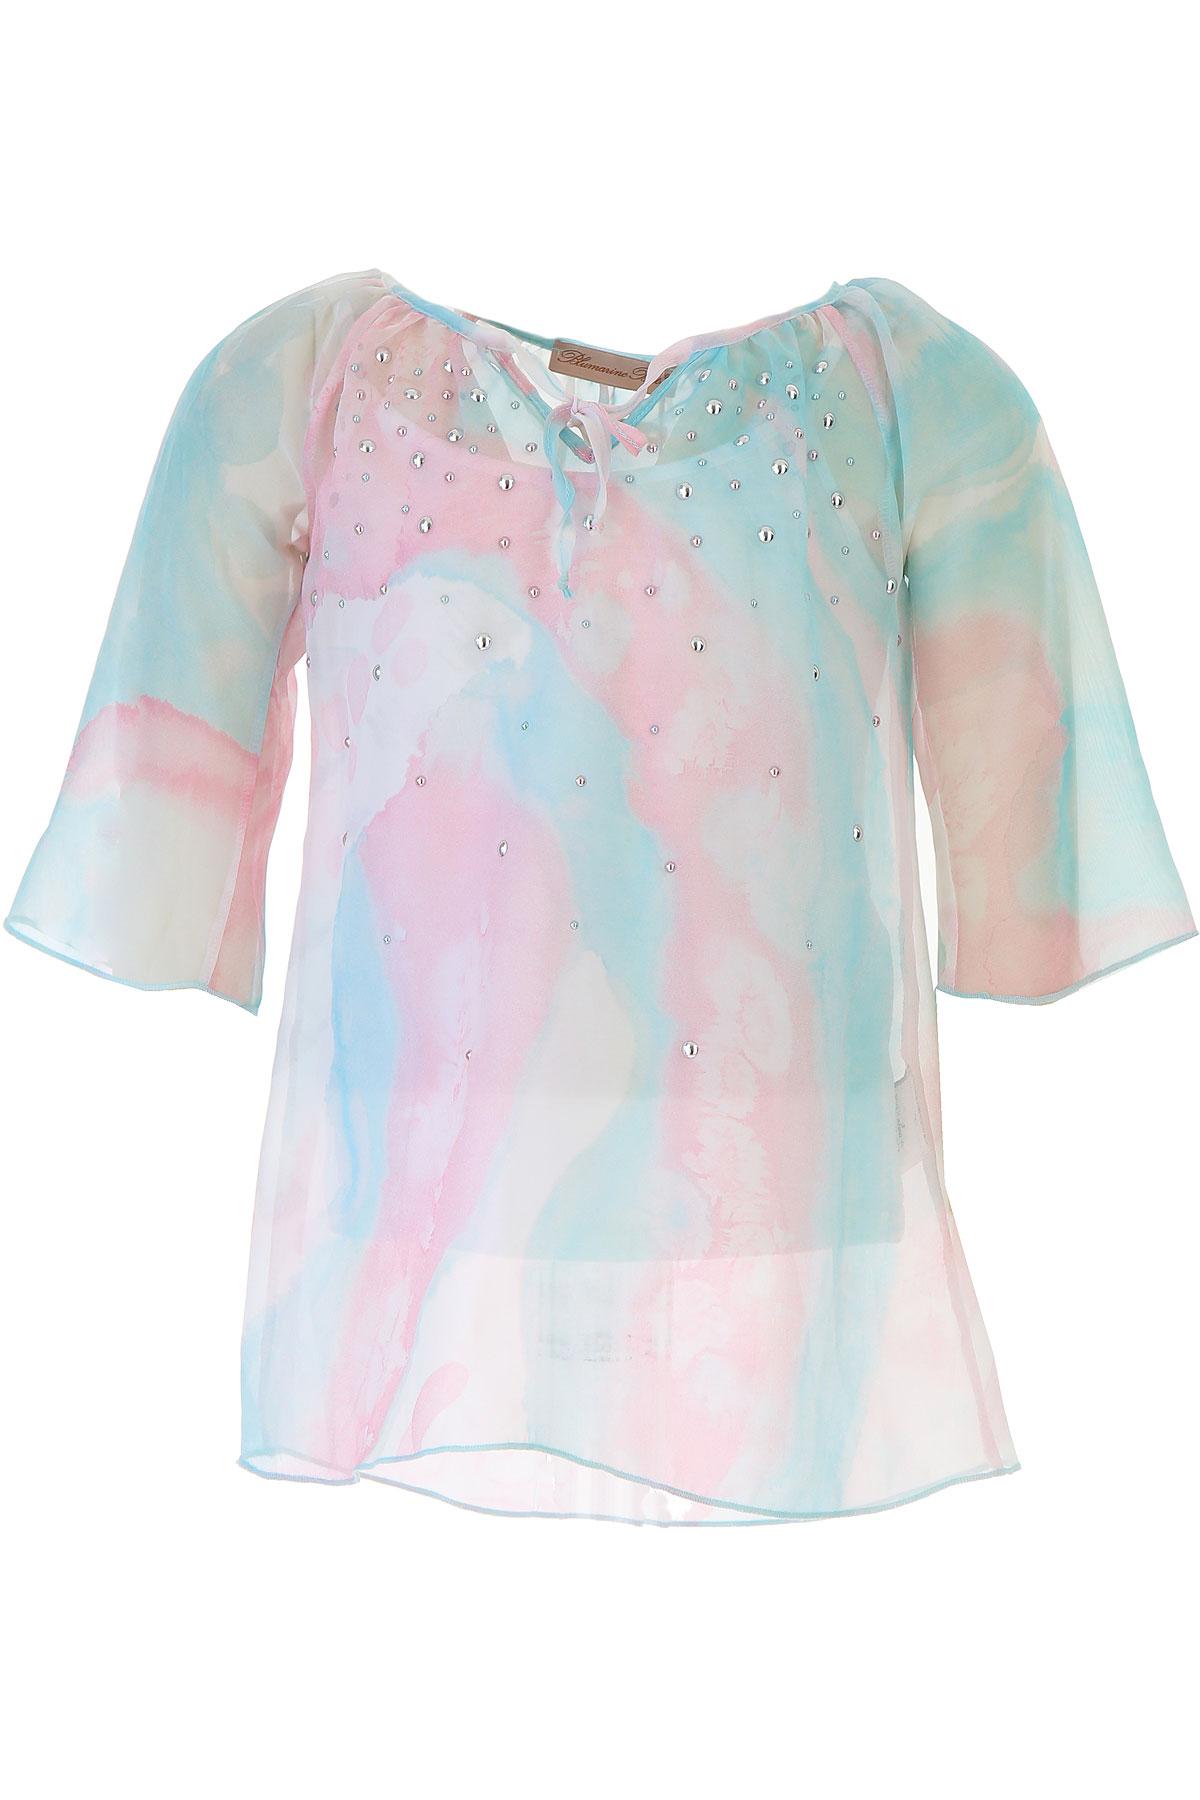 Blumarine Chemises Enfant pour Fille Pas cher en Soldes Outlet, Bleu ciel, Viscose, 2017, 4Y 5Y